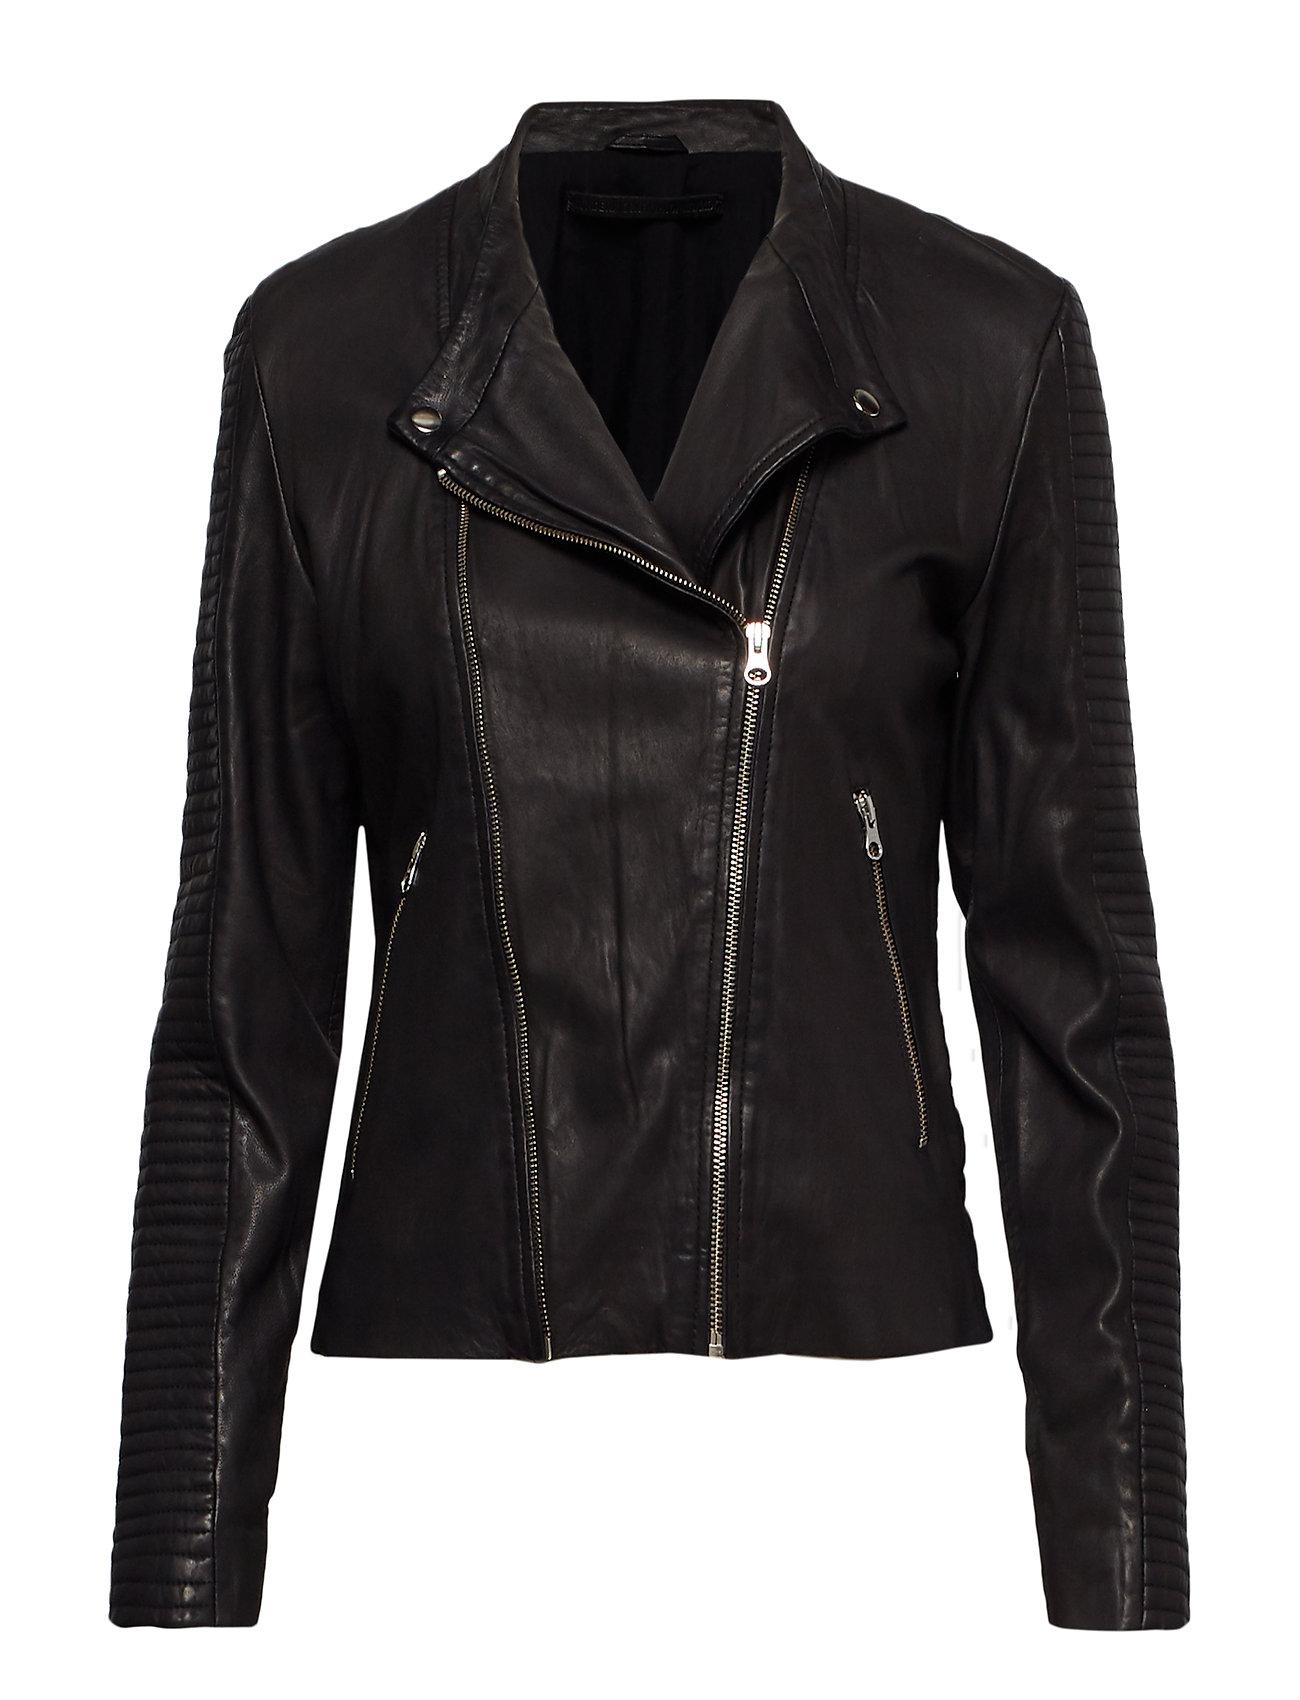 MDK / Munderingskompagniet Adele jacket - BLACK